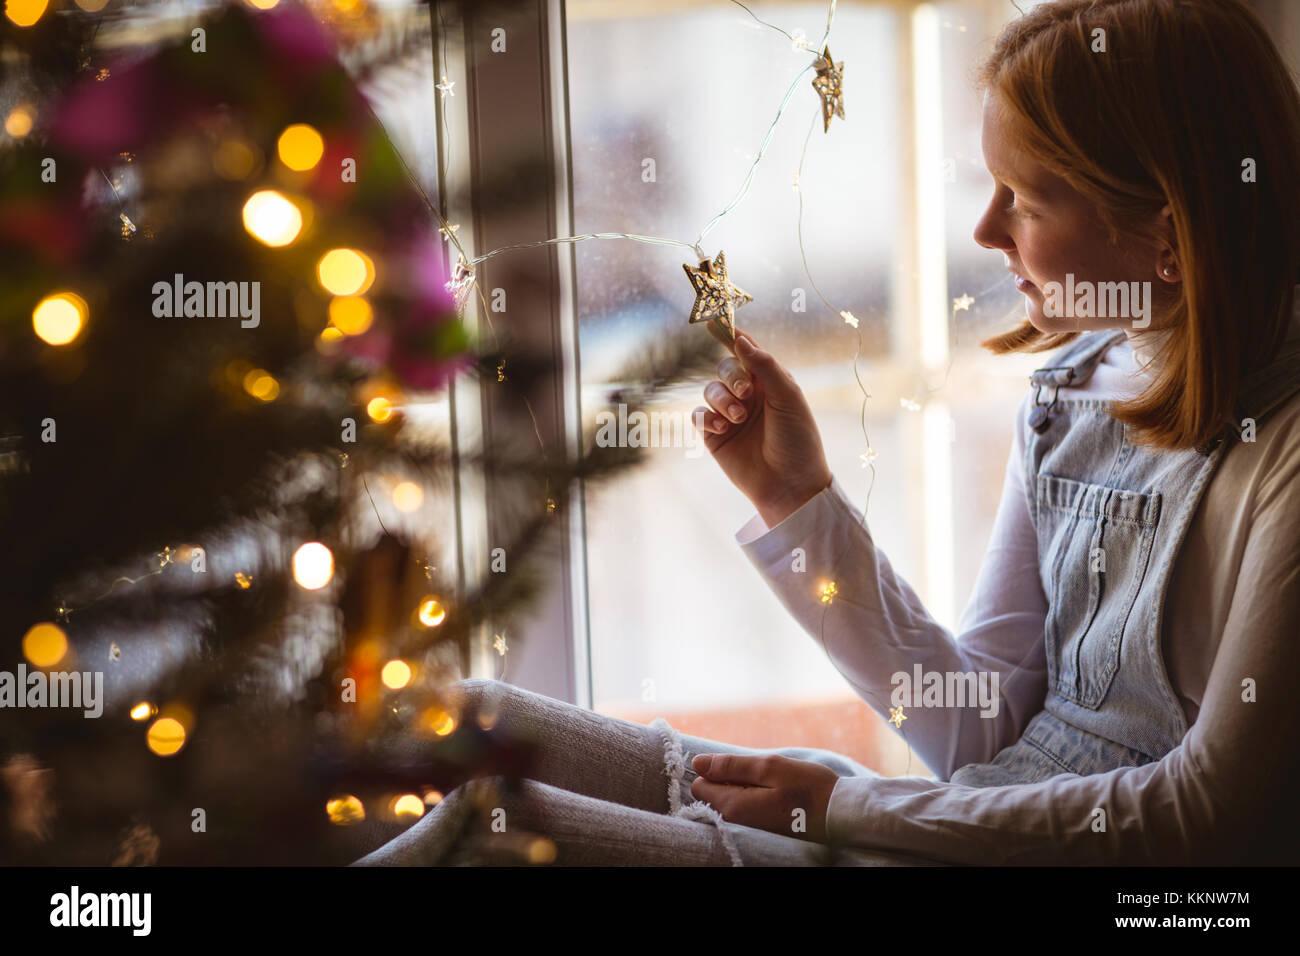 Mädchen sitzt auf der Fensterbank und Stern Stockbild